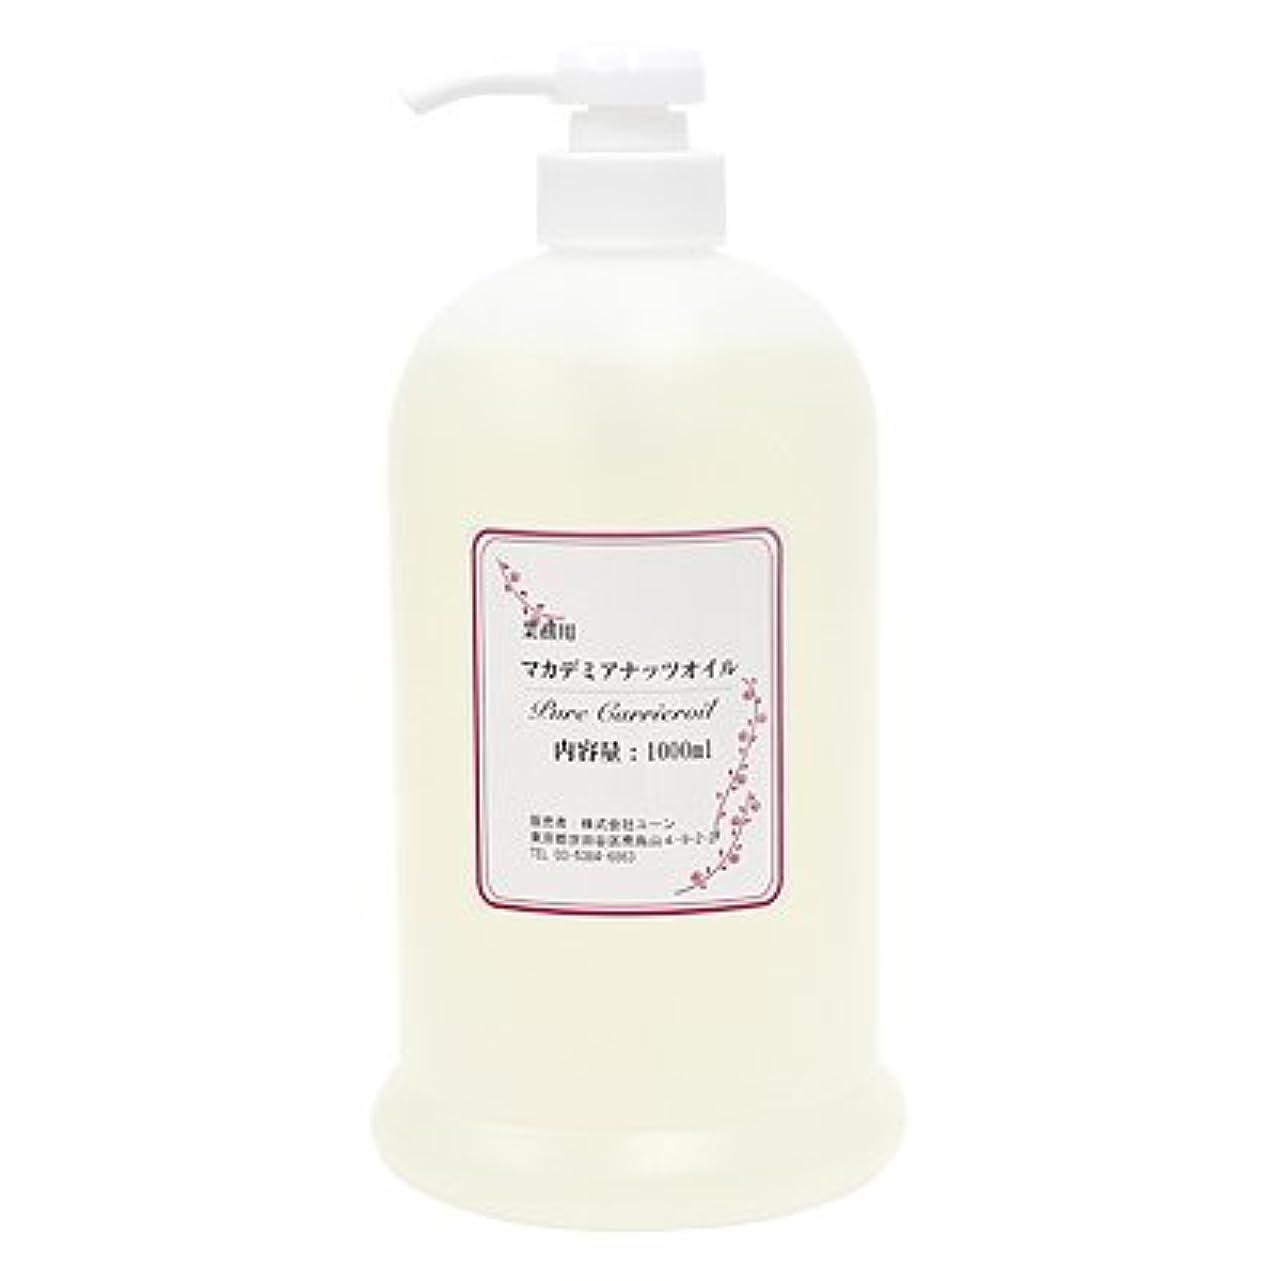 実験的アレルギー性専門知識マカデミアナッツオイル 1000ml(業務用):マッサージオイル